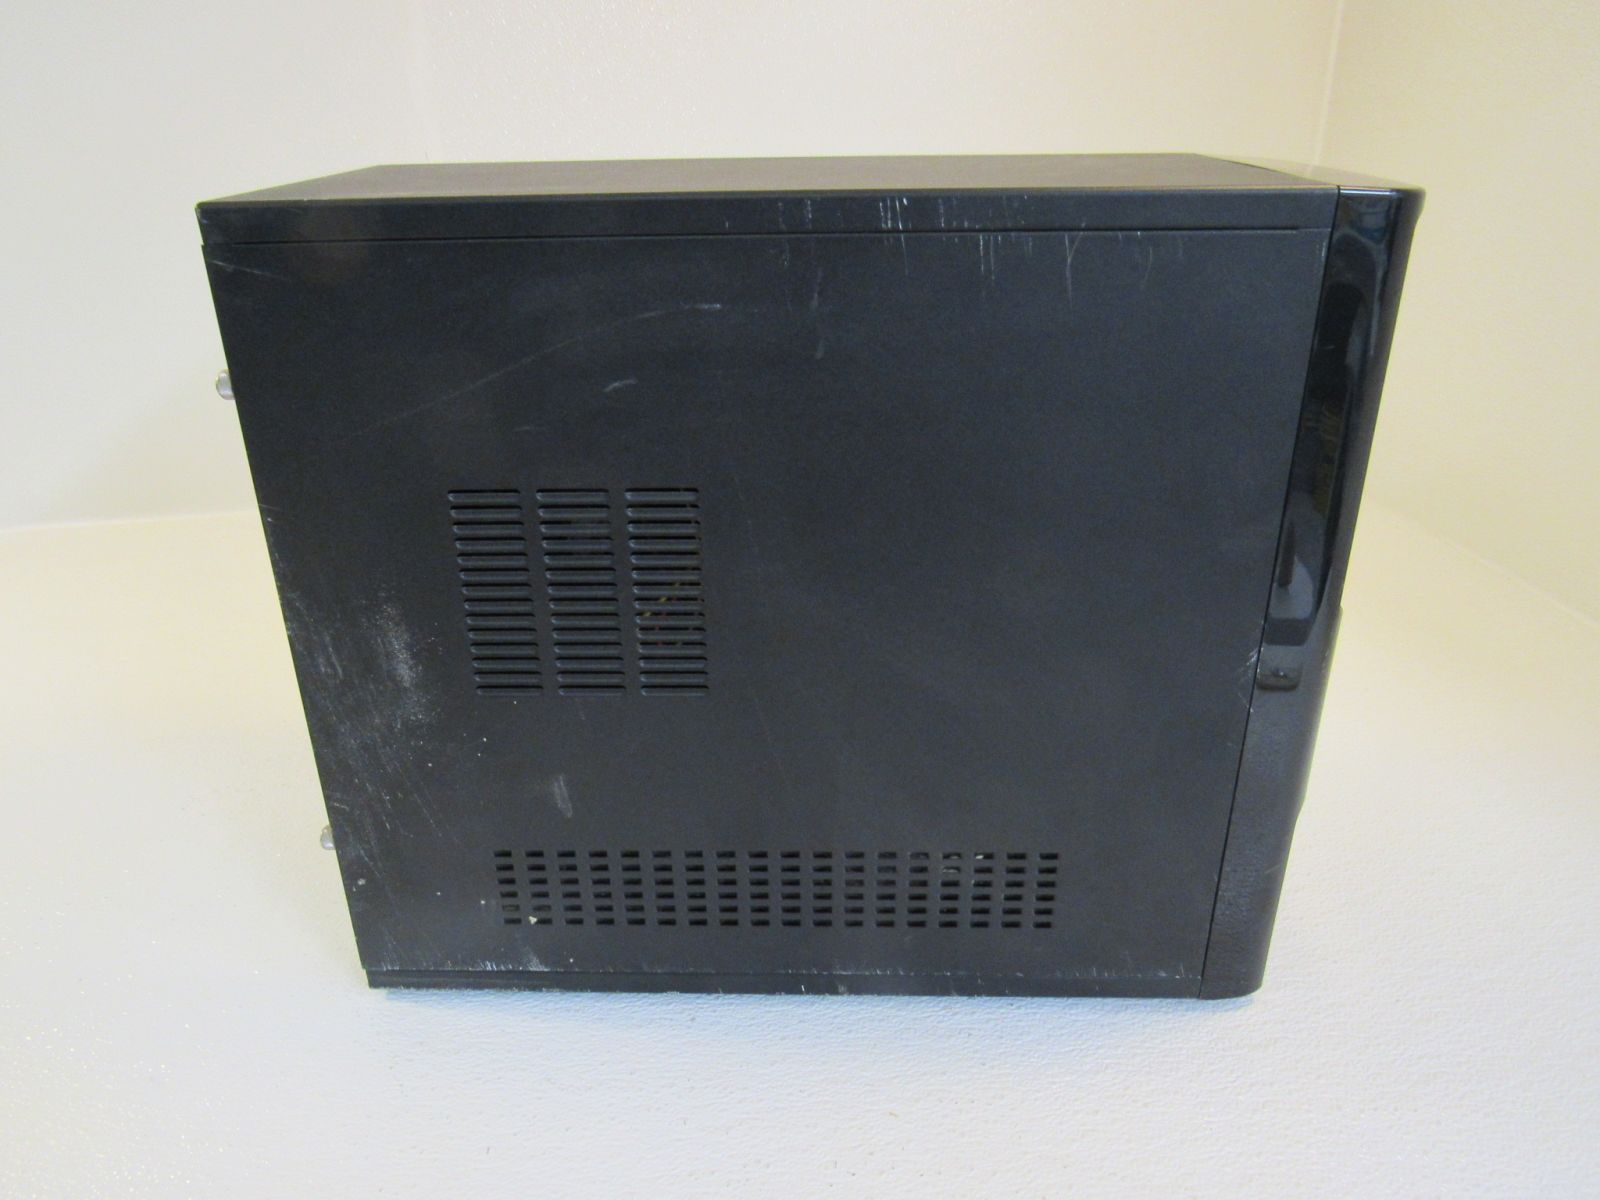 Gateway Desktop Computer E-Series 3.20 GHz Black 504MB RAM 40GB HD DVD-RW E4300